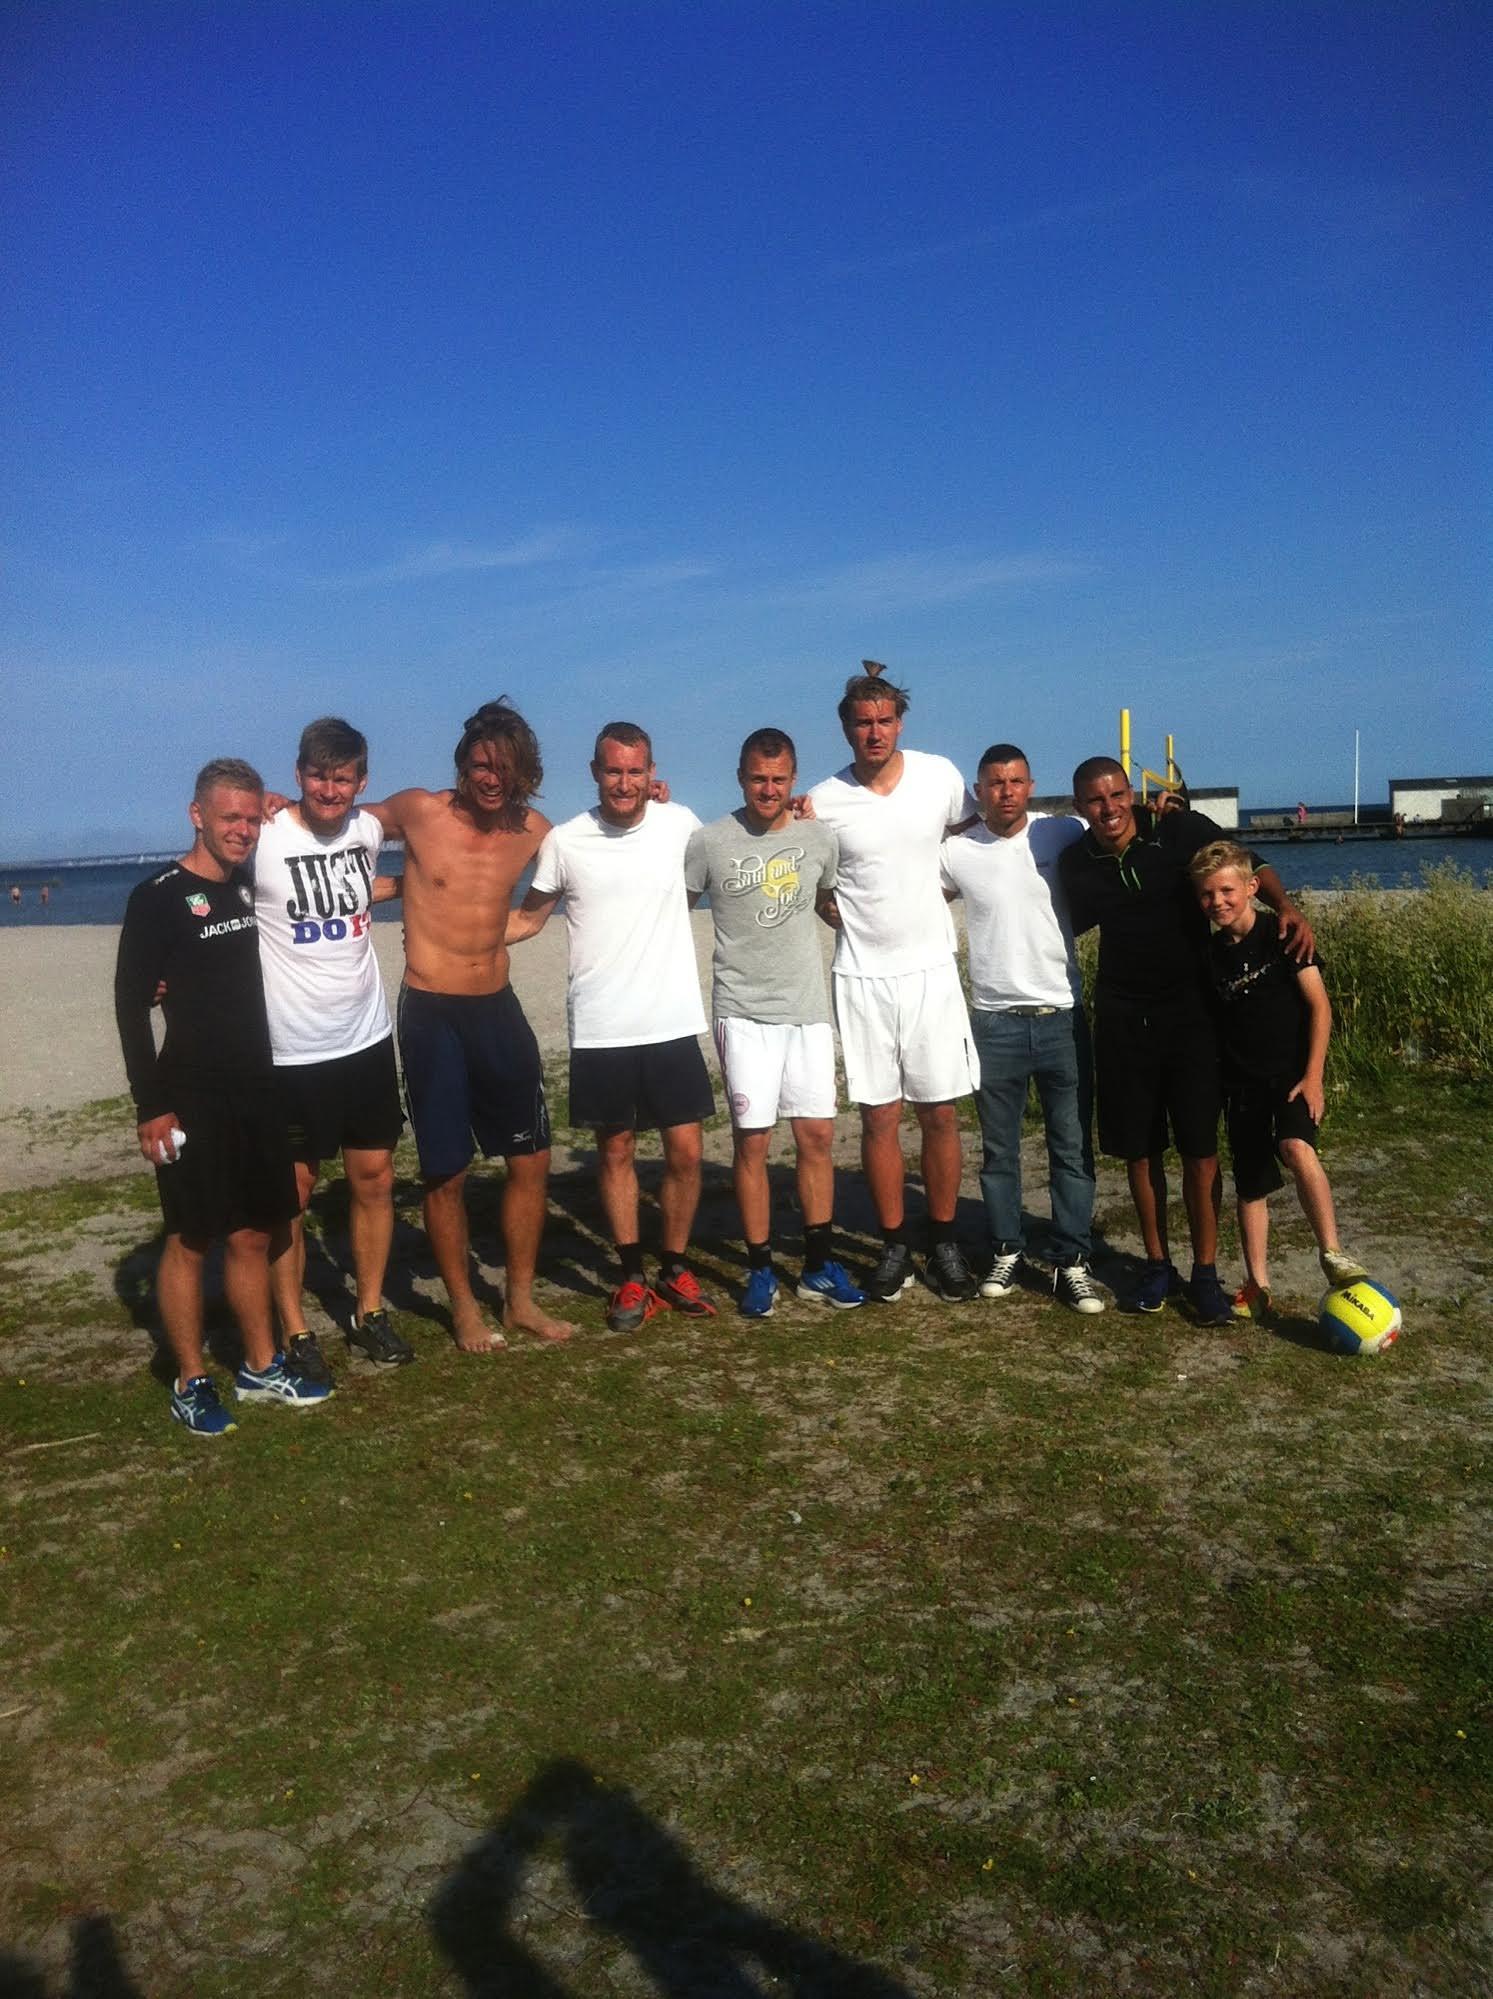 Thomas og en masse sportsfolk, som jeg ikke aner hvem er. SÅ meget ved jeg nemlig om sport ;-)